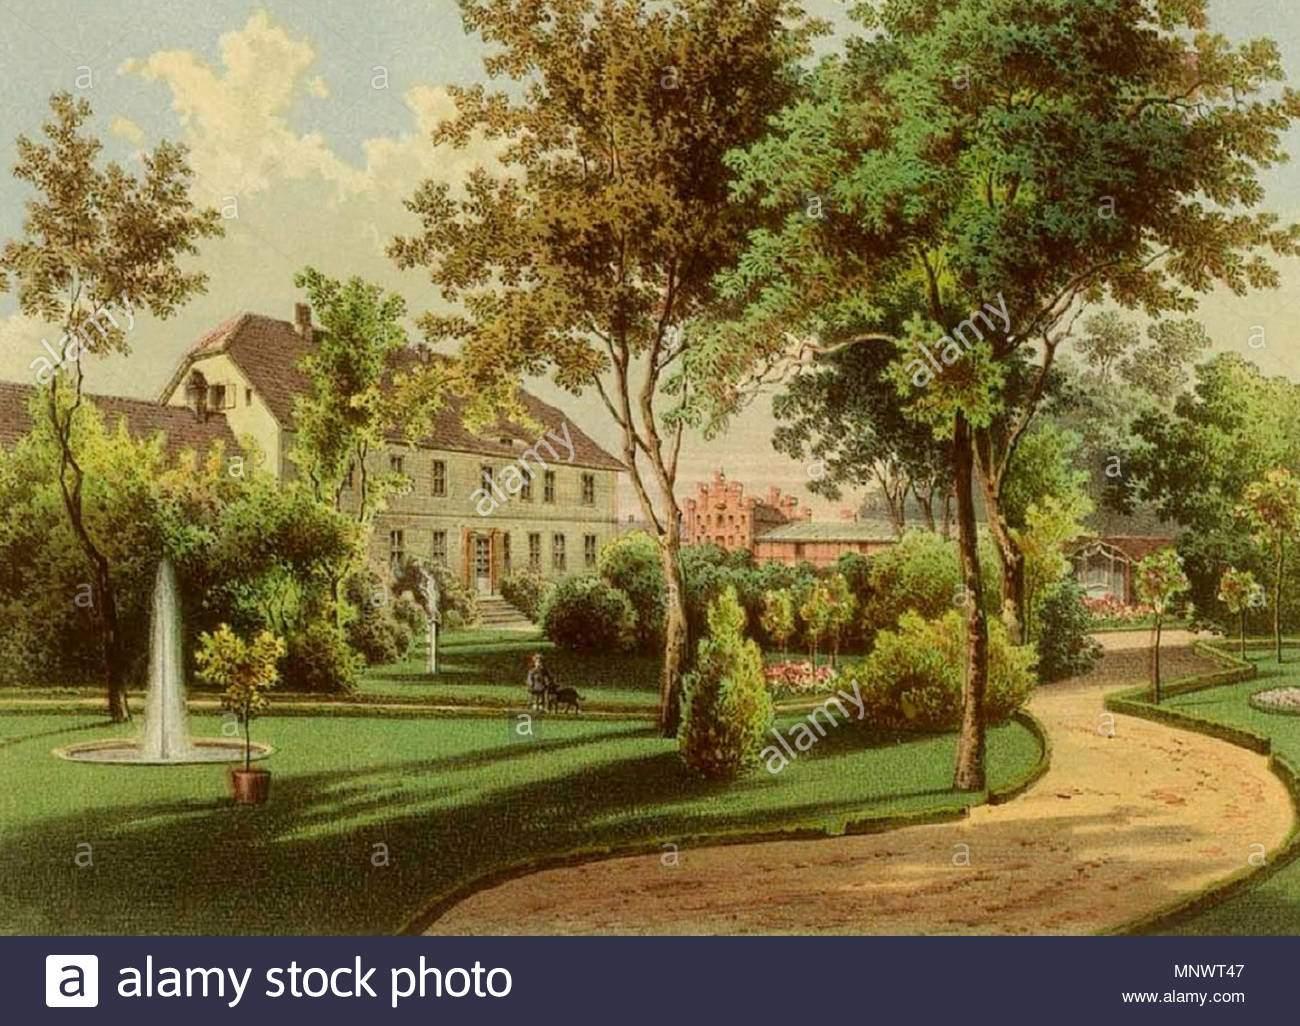 english rittergut neukirchen zwischen 1857 und 1883 christian hohe alexander duncker 1813 1897 1065 rittergut neukirchen sammlung duncker mnwt47